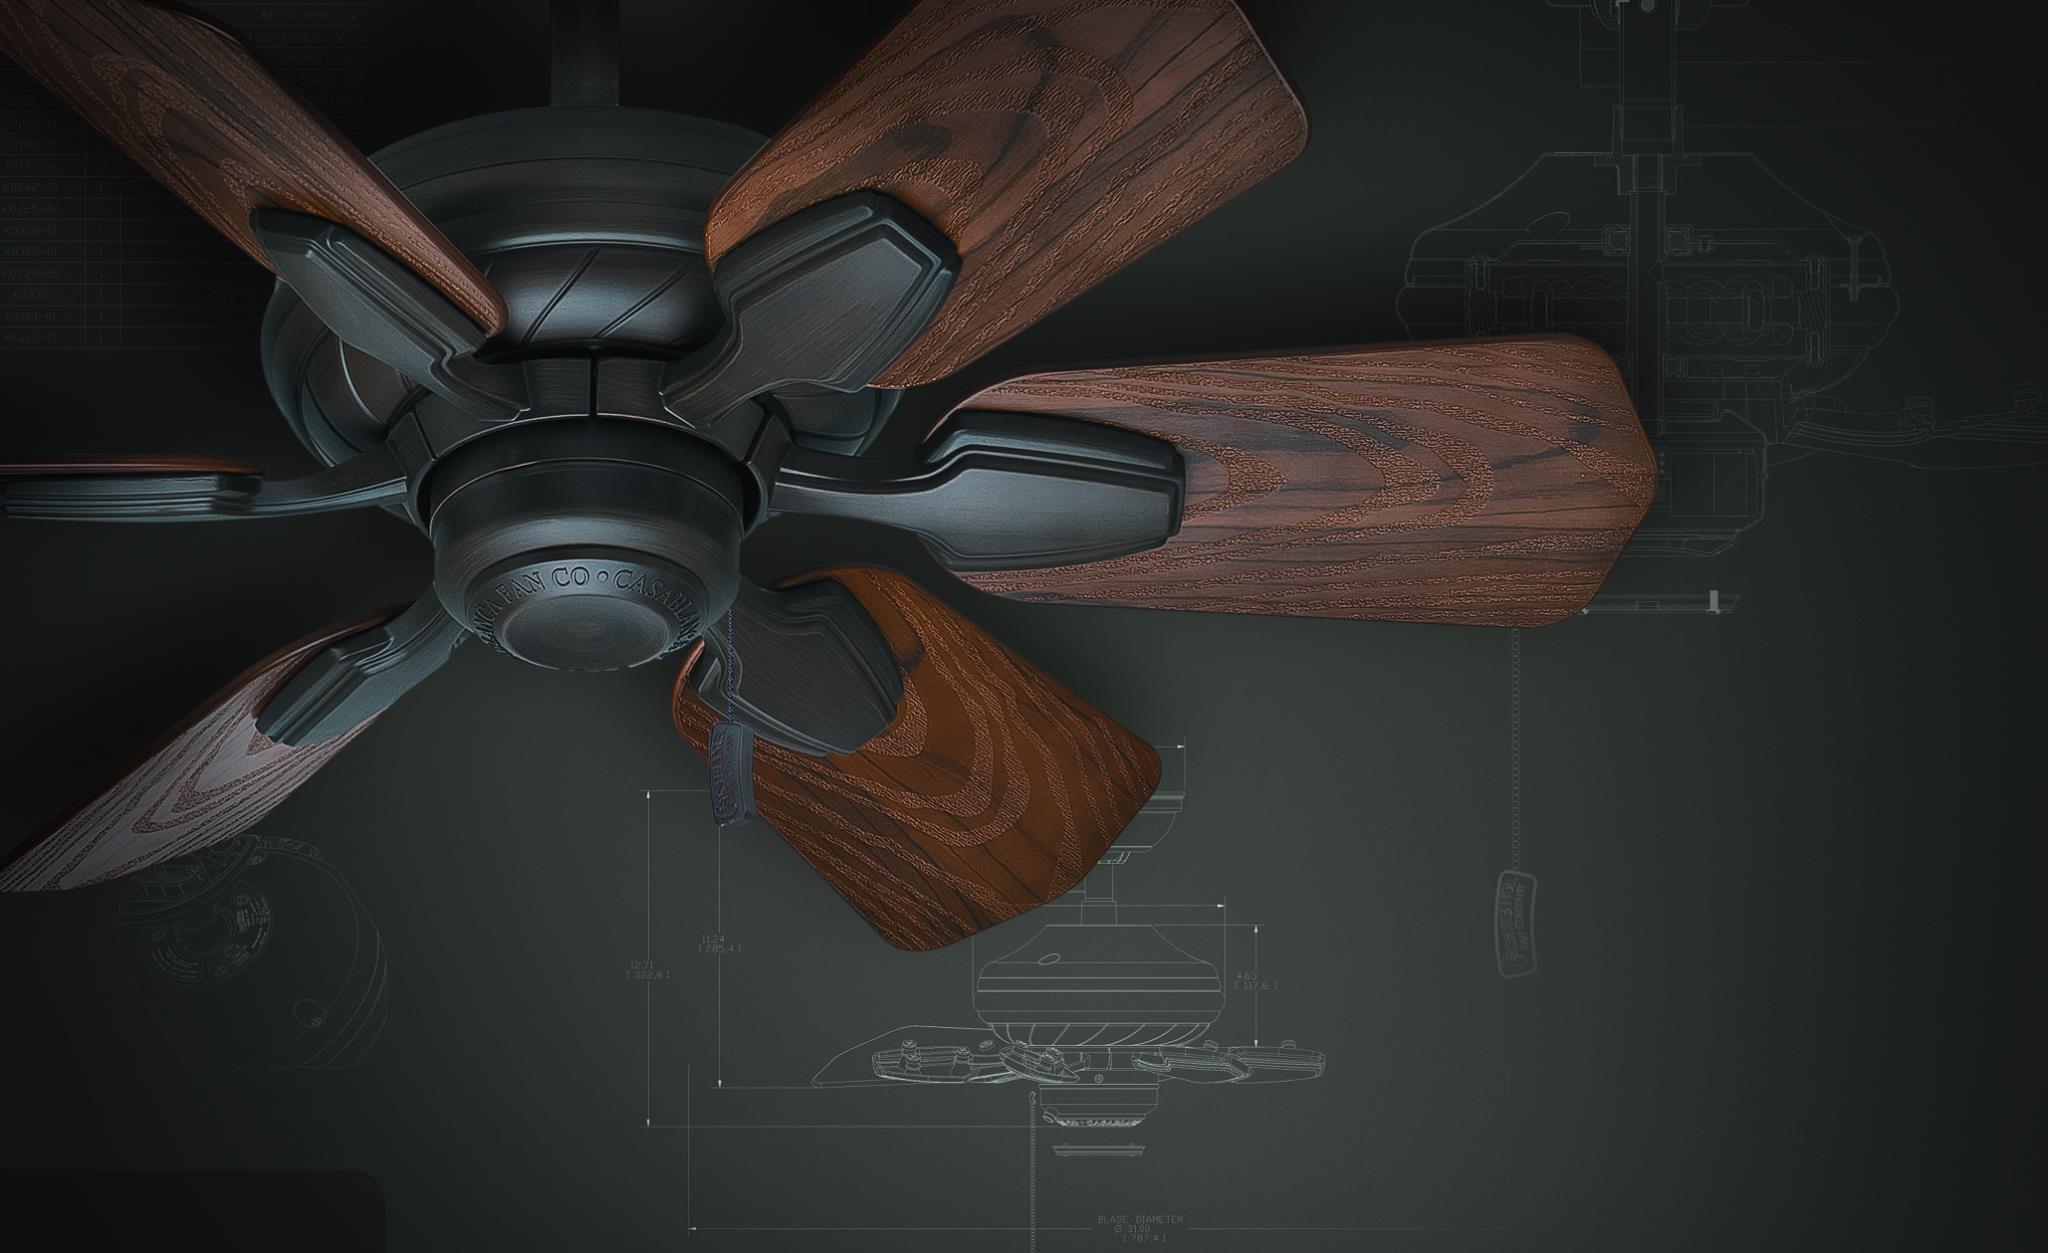 カサブランカ シーリングファン ワイレア 羽根直径79cm (メーカーお取寄せモデル)